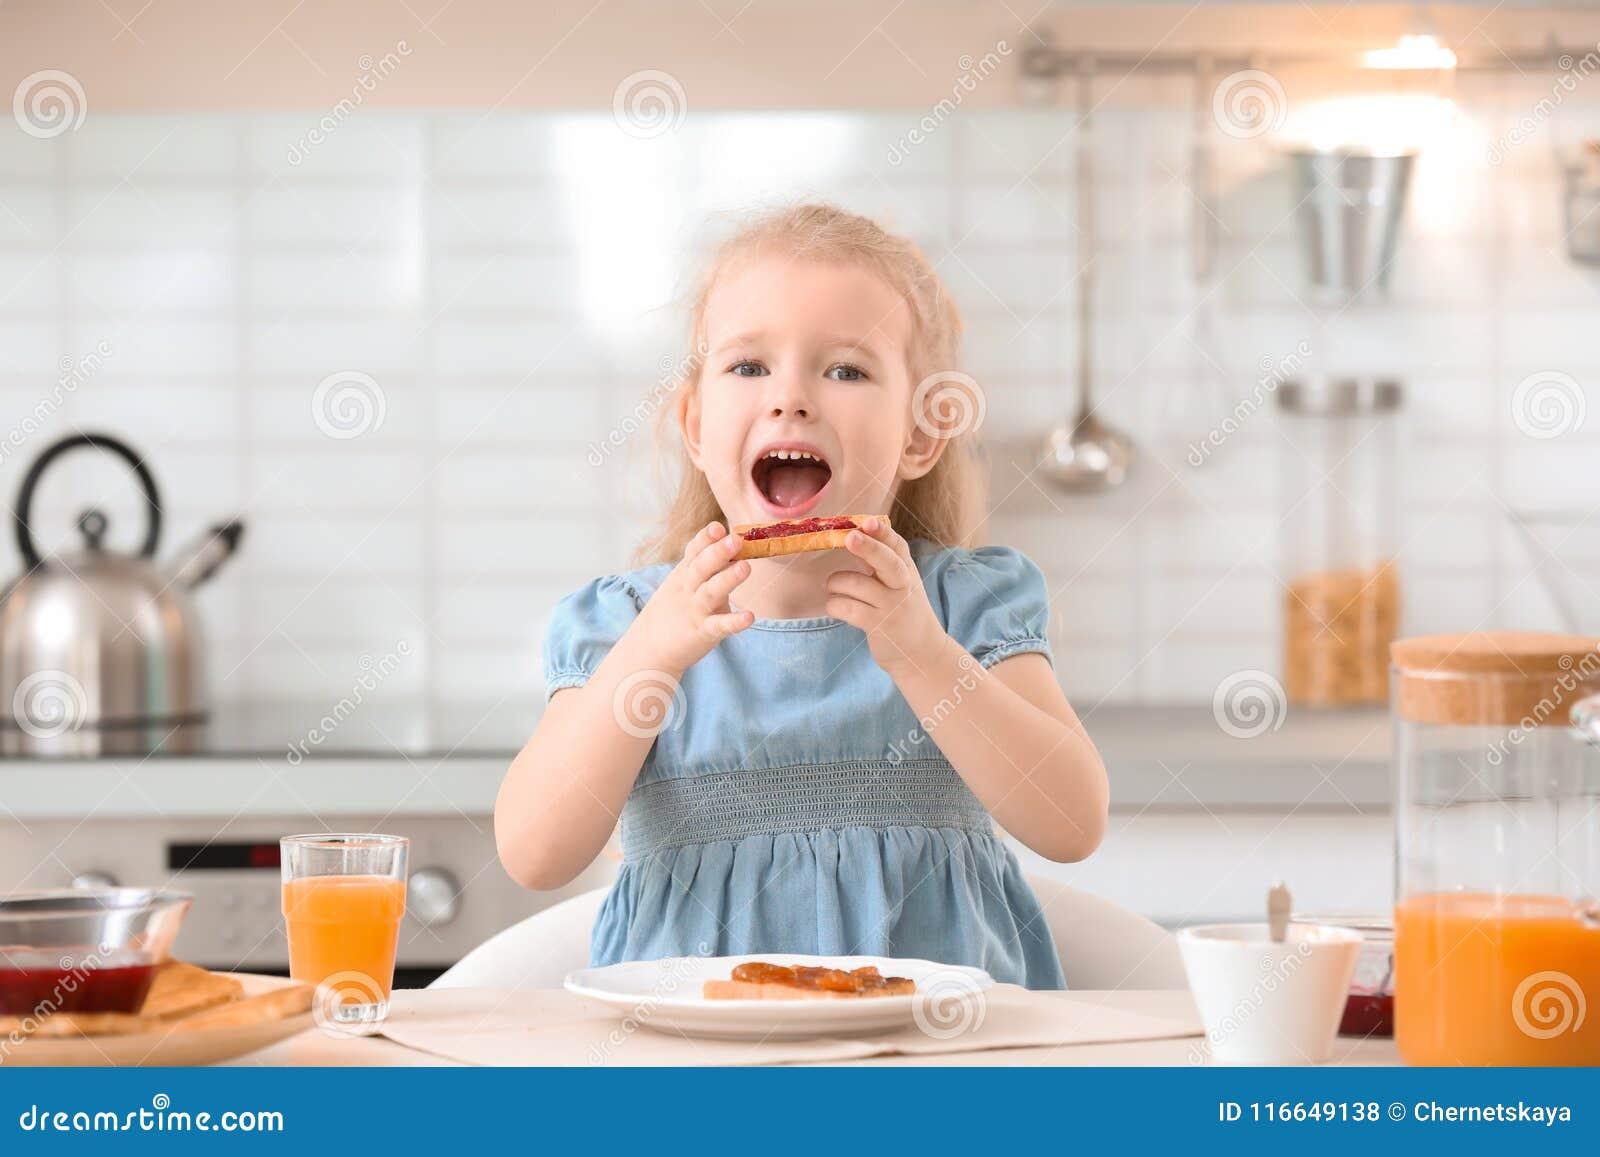 Прелестная маленькая девочка есть вкусный провозглашанный тост хлеб с вареньем